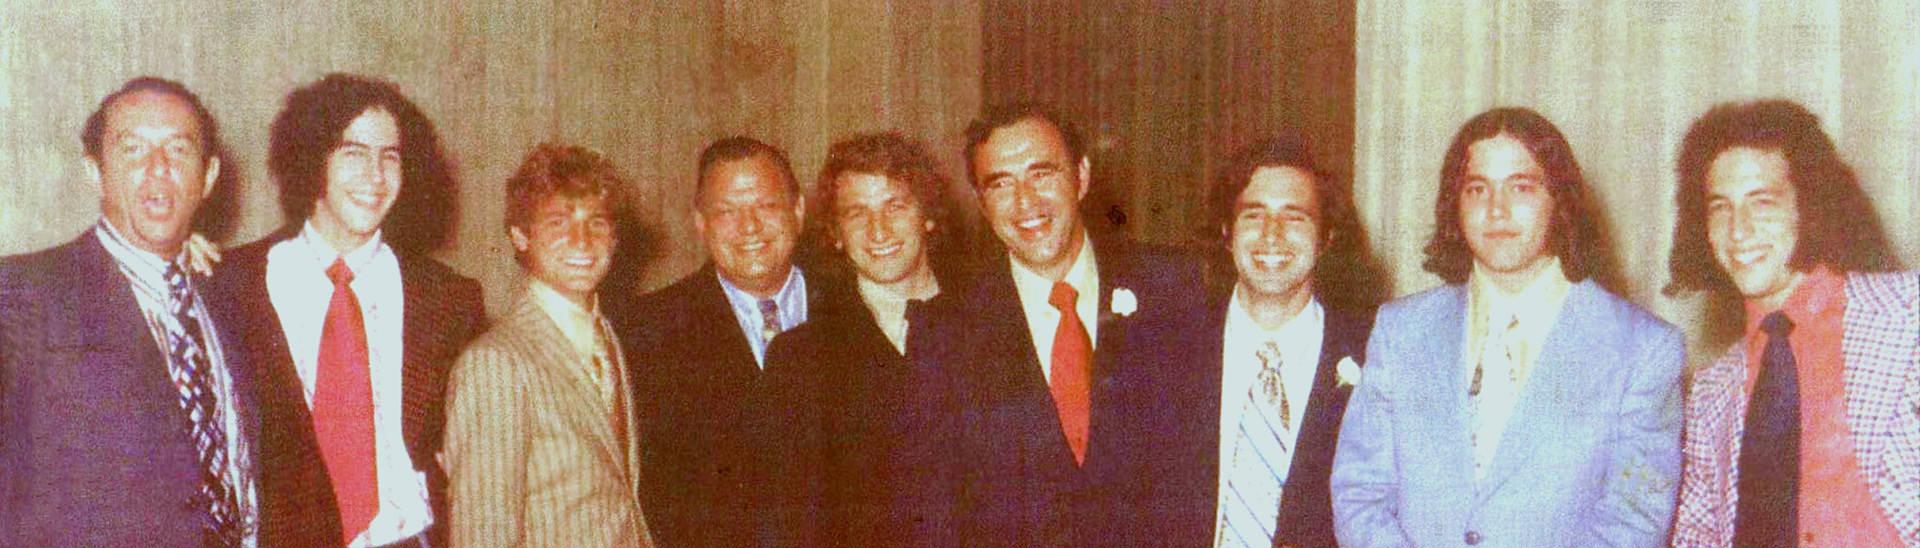 The-boys-1970s